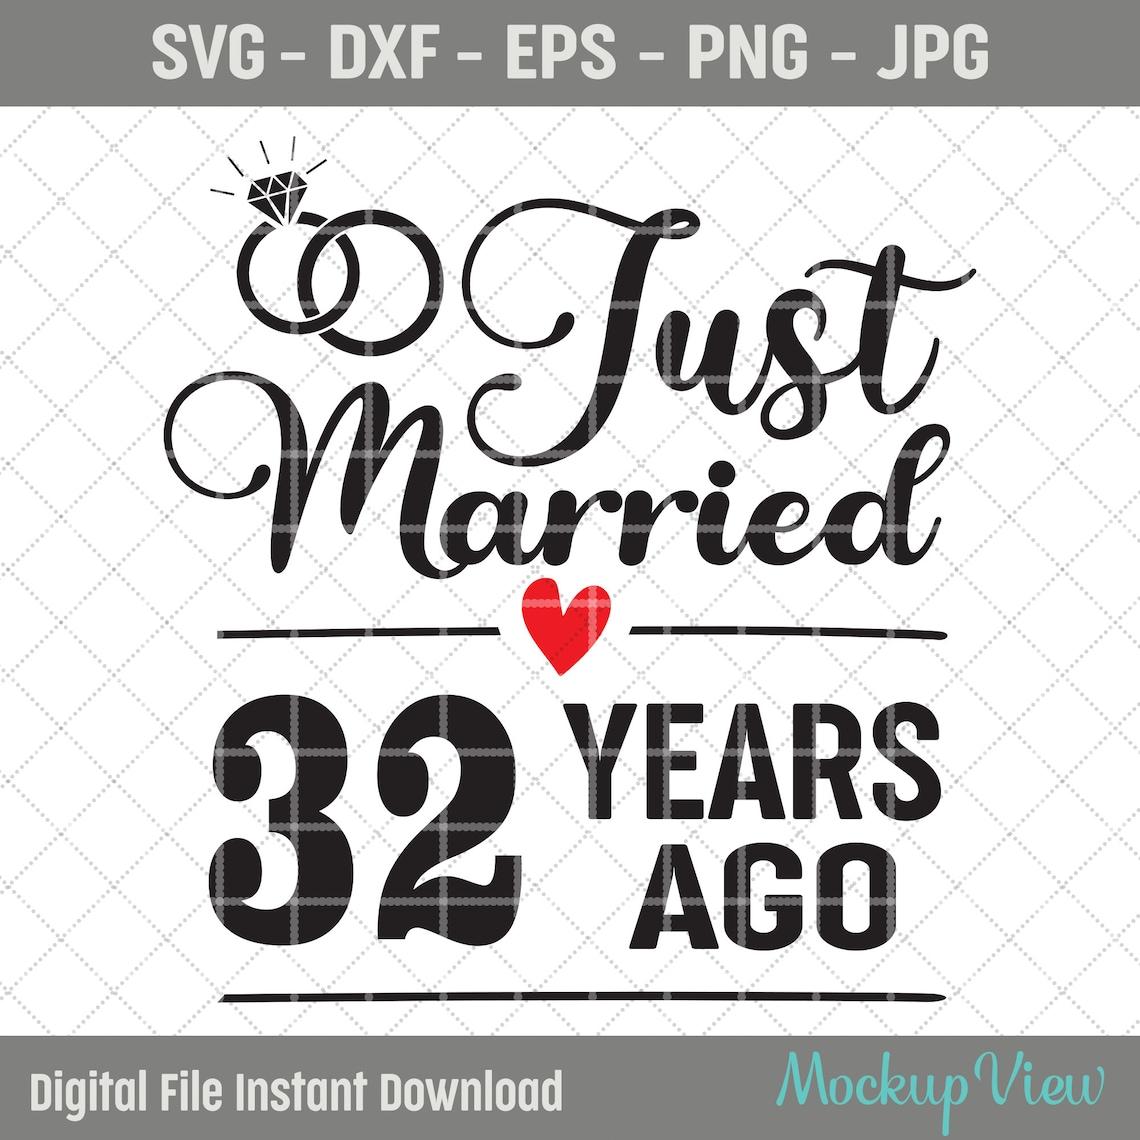 Gerade verheiratet 32 Jahre Vor SVG 32. Hochzeitstag